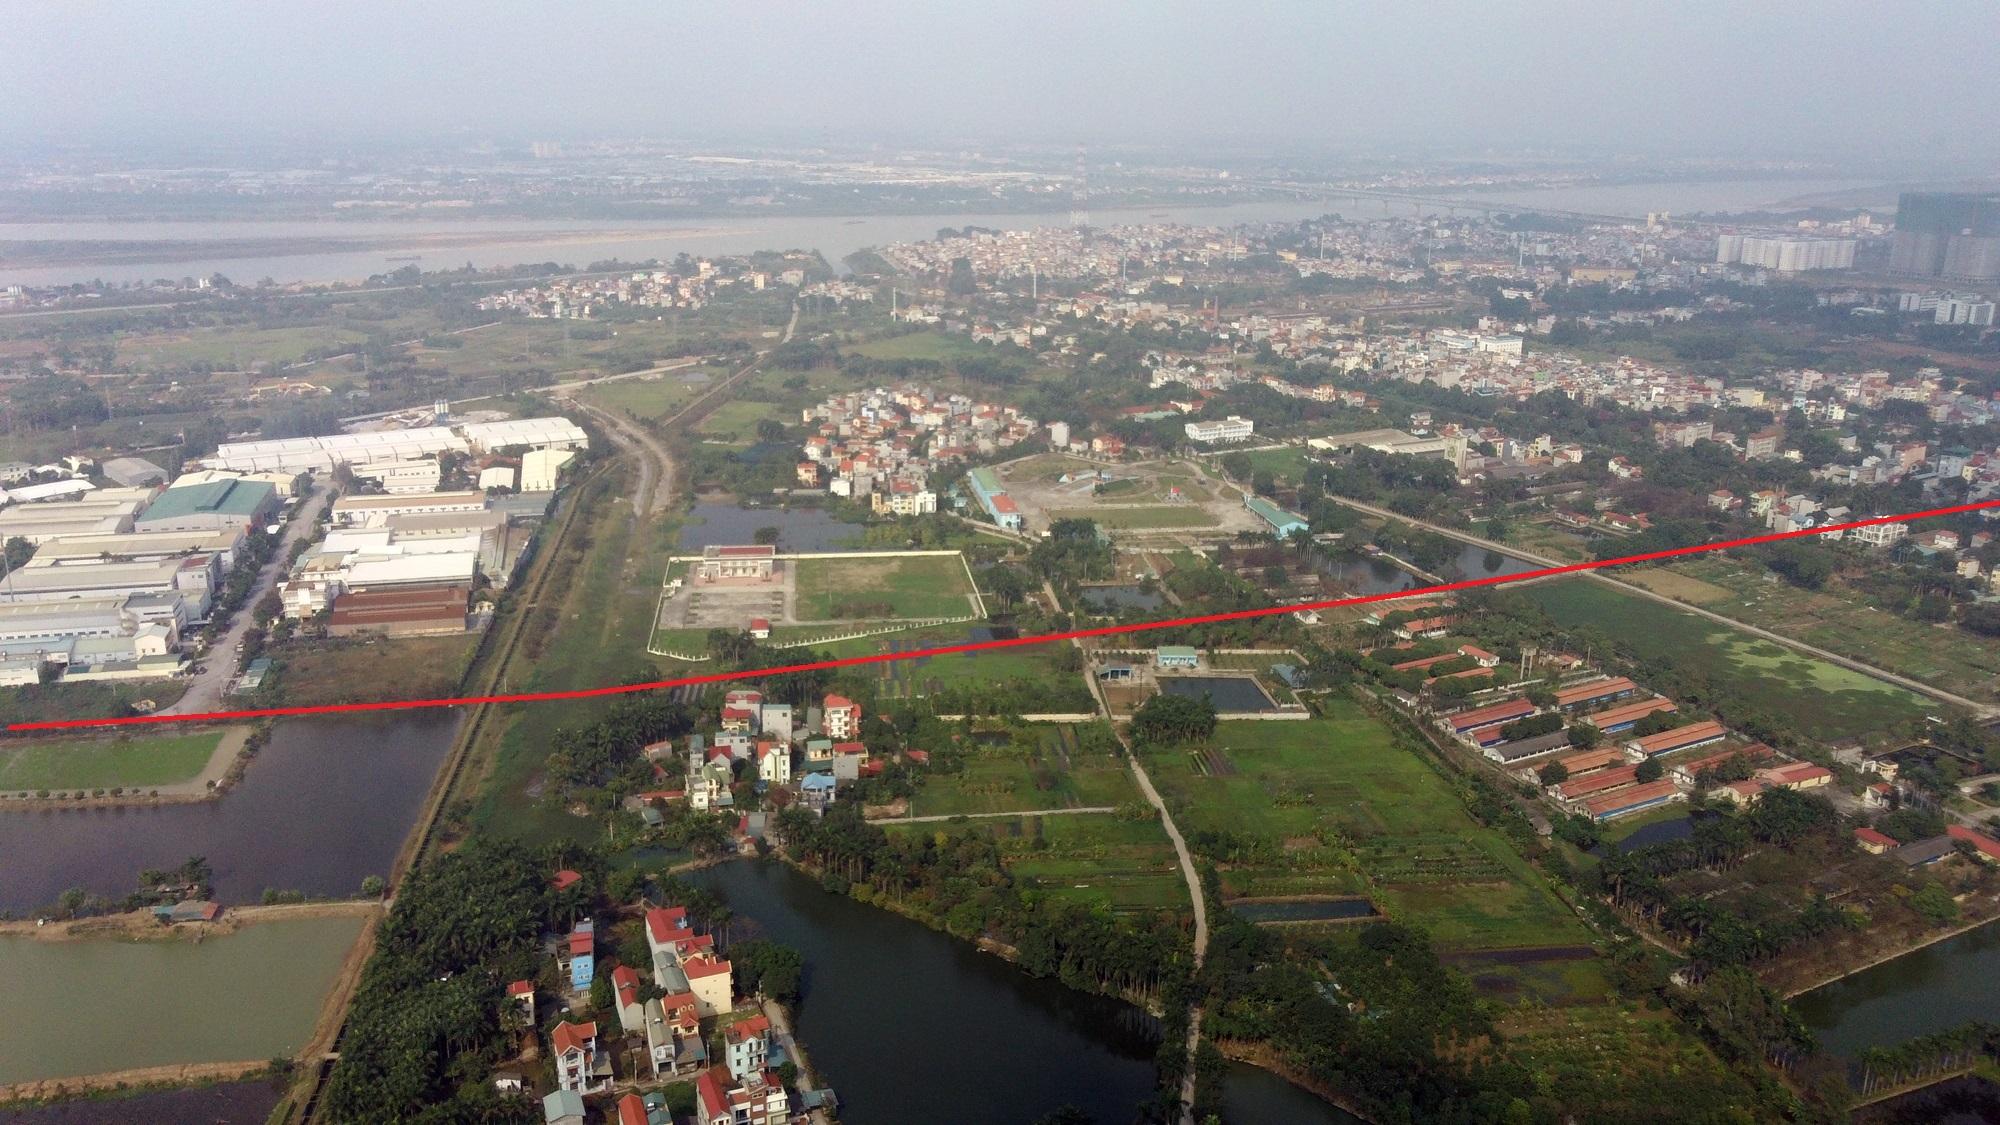 3 đường sẽ mở theo qui hoạch ở phường Thụy Phương, Bắc Từ Liêm - Ảnh 14.